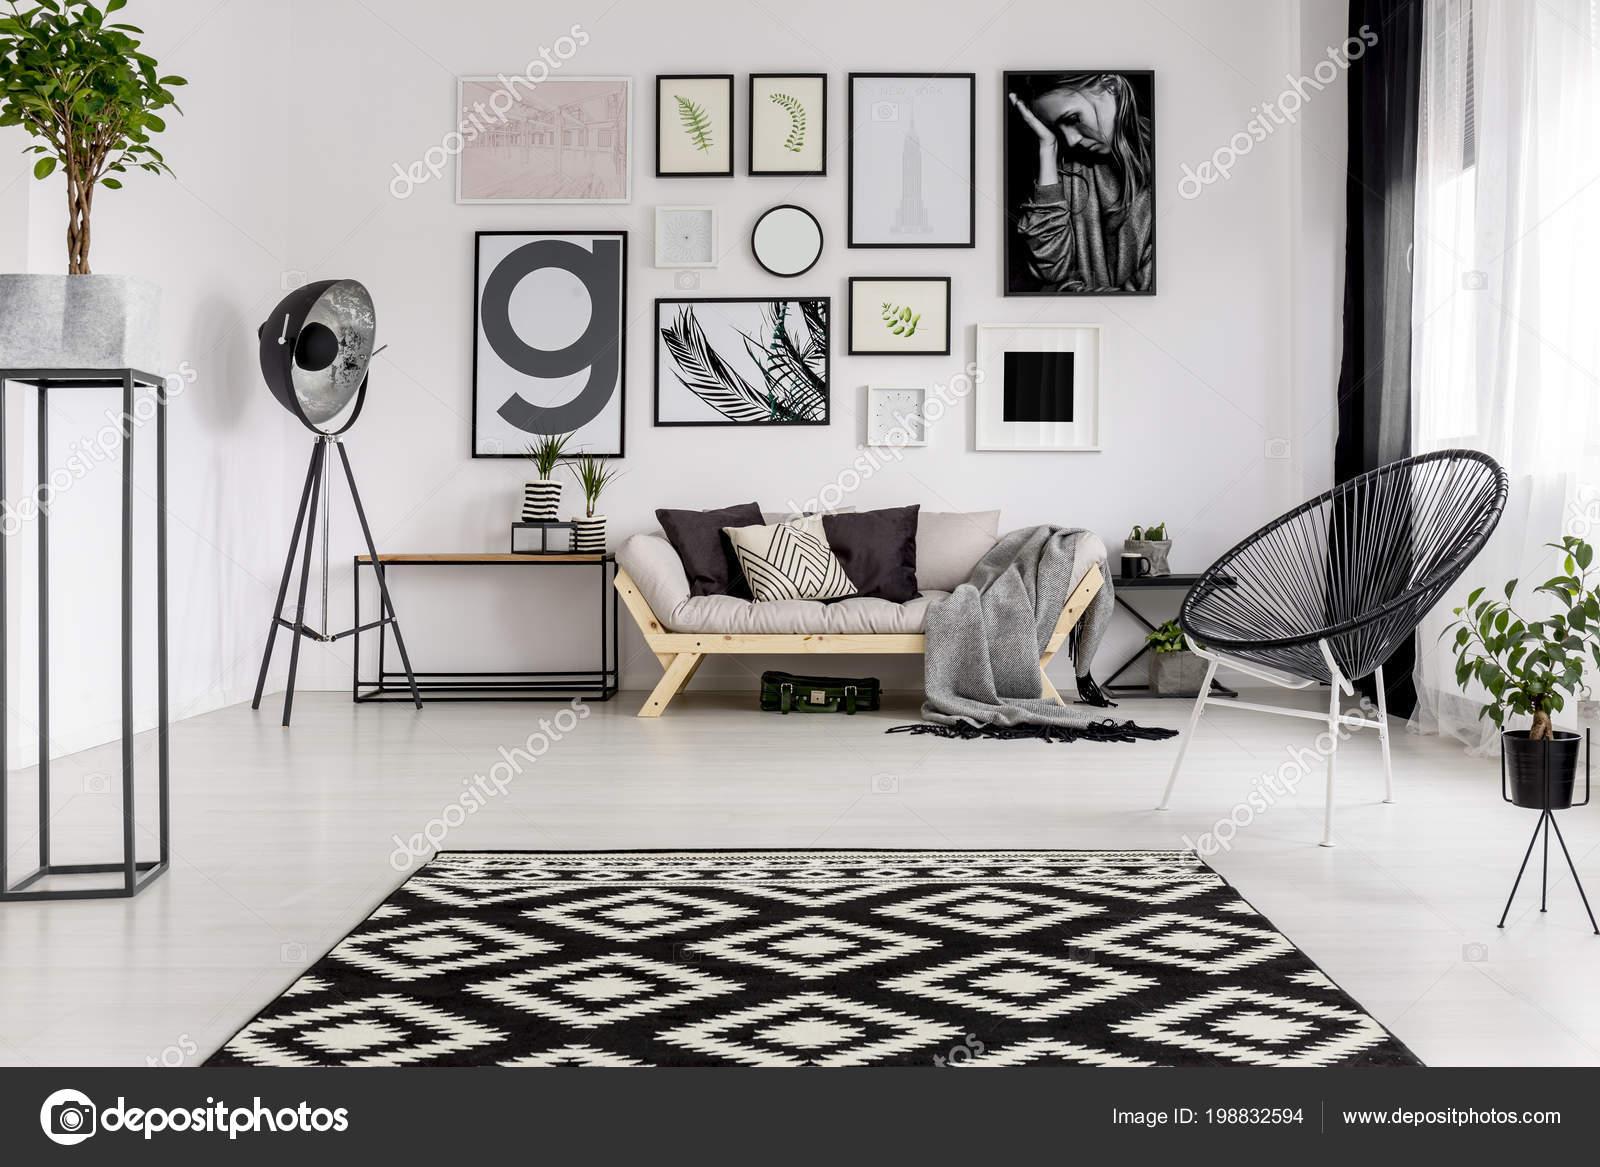 99f6684cdc66bc Schwarz Weiß Gemusterten Teppich Modernen Wohnzimmer Interieur Mit Plakaten  Und — Stockfoto